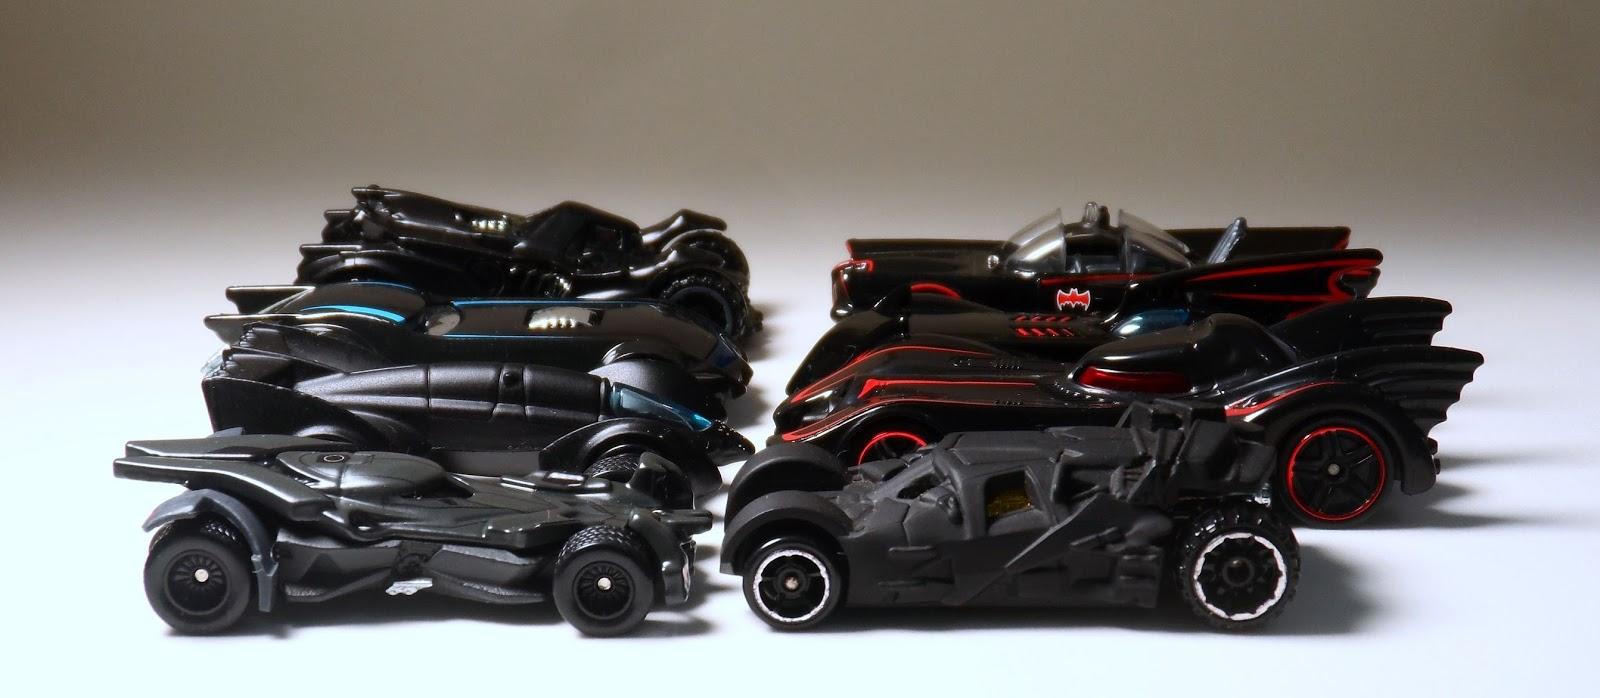 Filme Do Hot Wheels with regard to enquete: qual o melhor batmóvel da hot wheels?